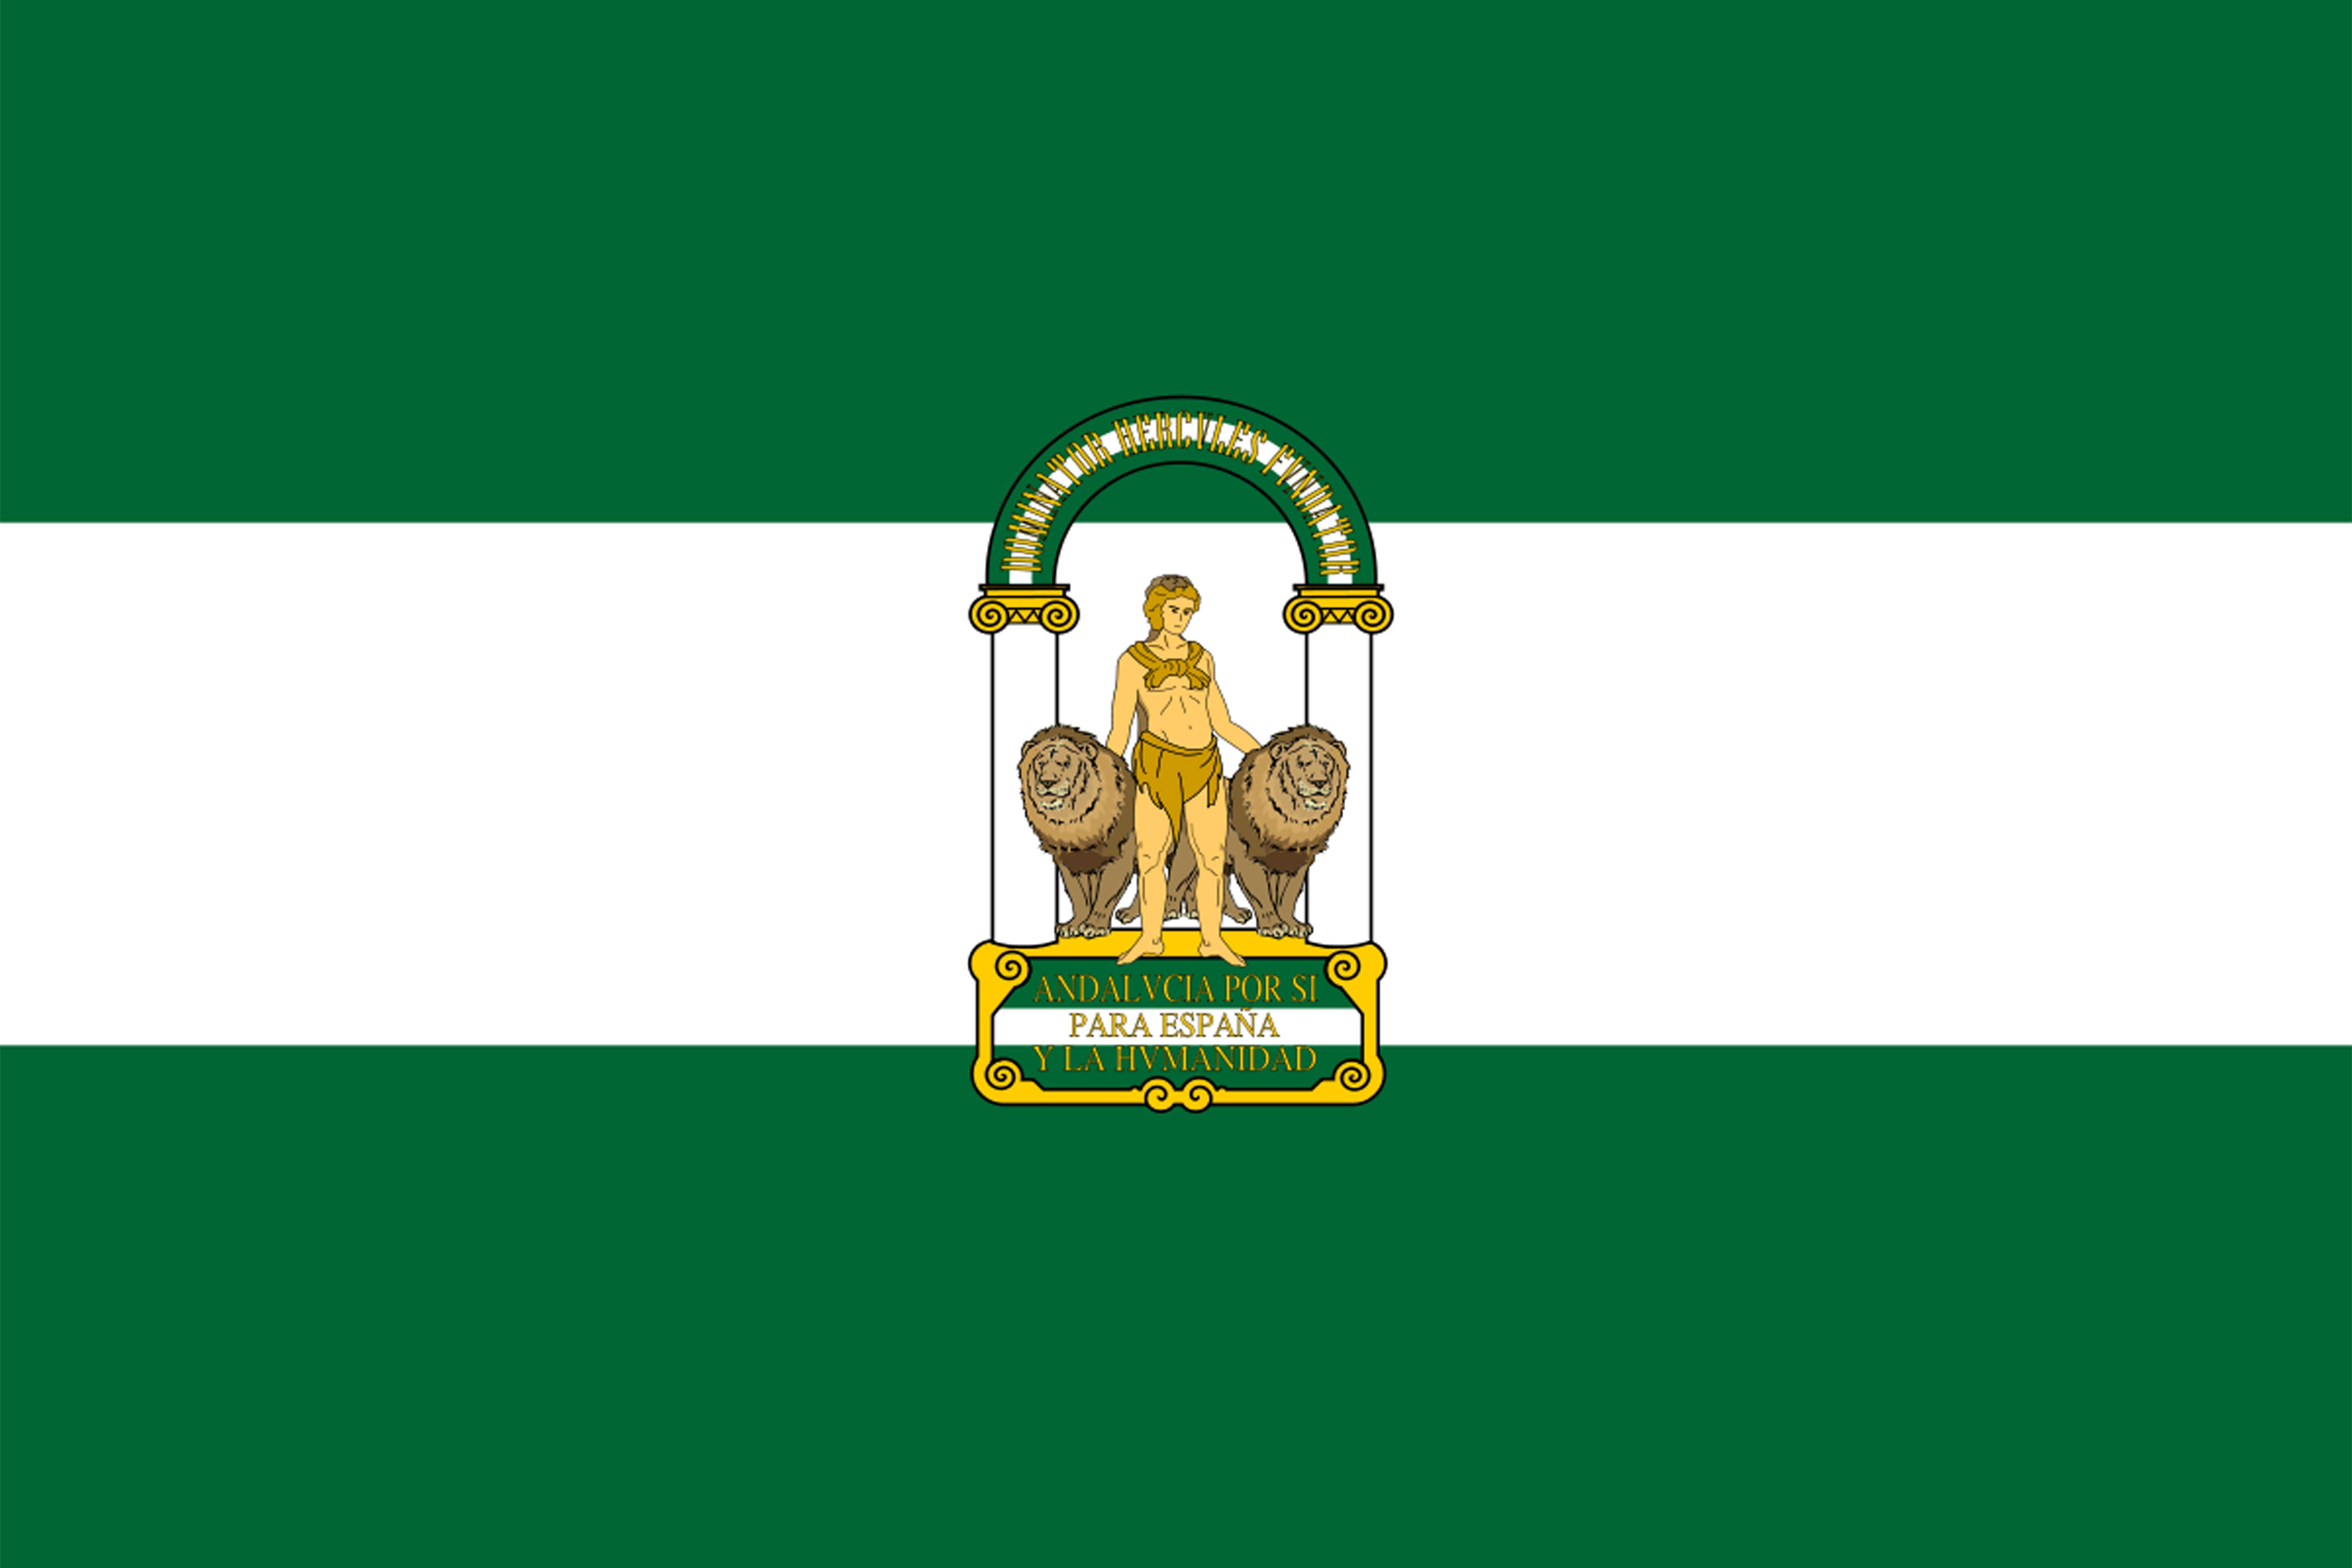 BANDERA DE ANDALUCÌA